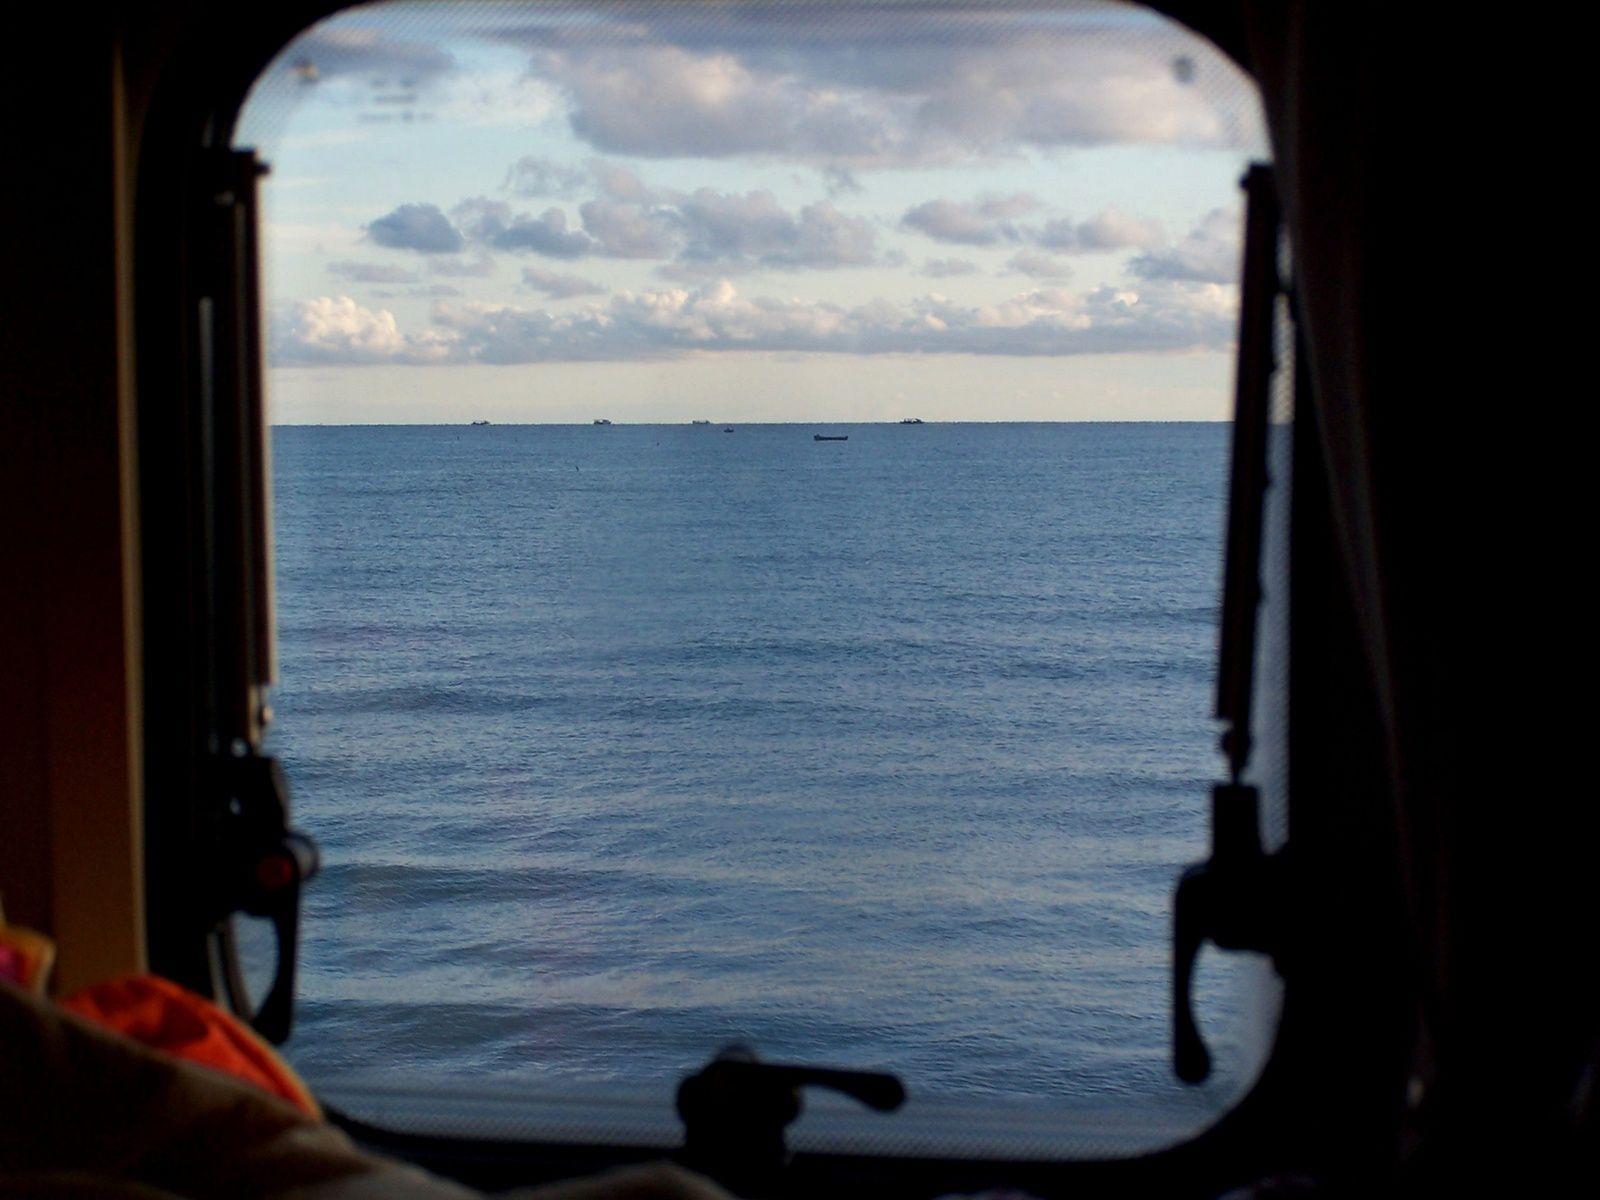 chambre vue mer !!!! nous avons passé une excellente nuit, réveillés le matin par les moteurs des bâteaux de pêche !!!